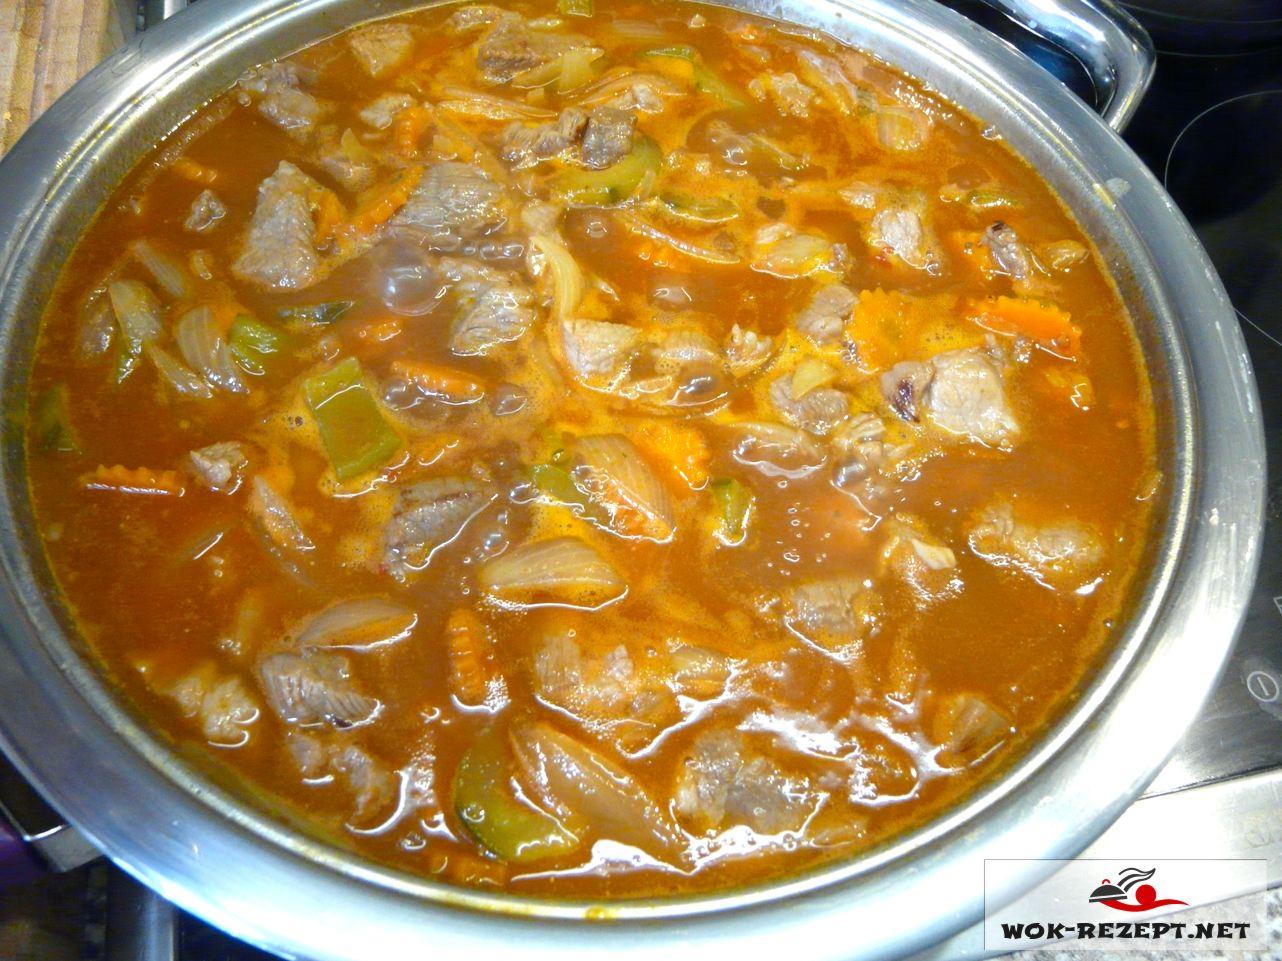 Fertig mit reichlich süß-saure Sauce Schweinefleisch und Gemüse